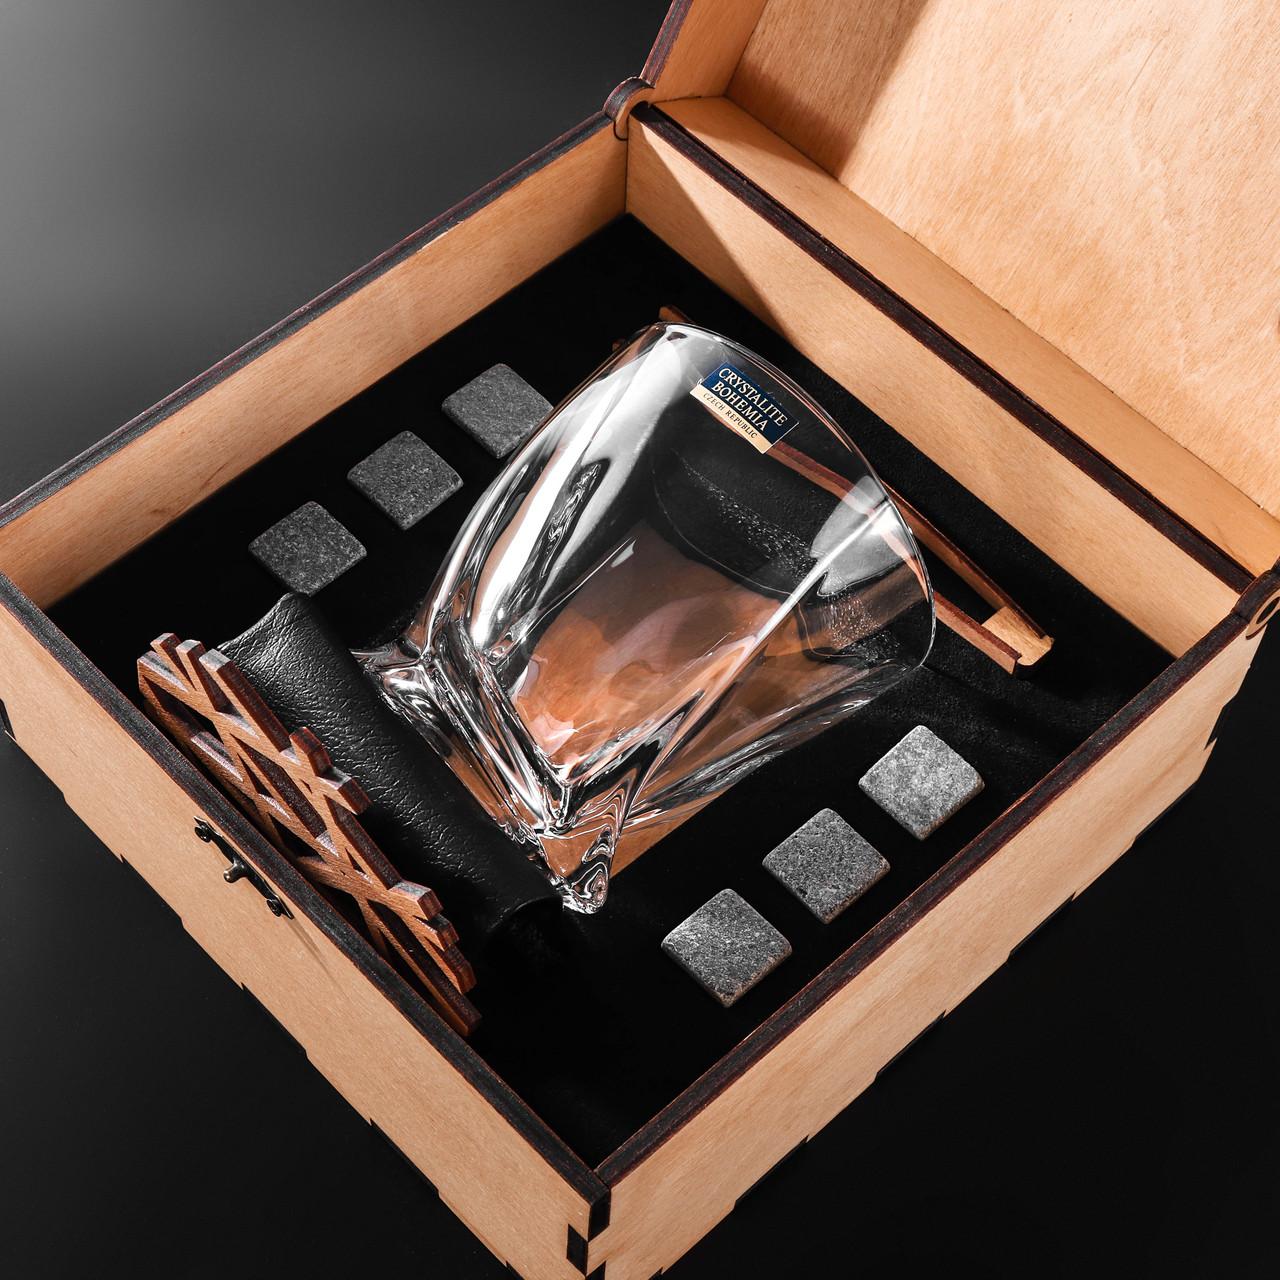 Камни для виски. Подарок мужу. Камни для виски подарочный темный деревянный набор с бокалом Светлая коробка + Бокал Bohemia Quadro 340 мл